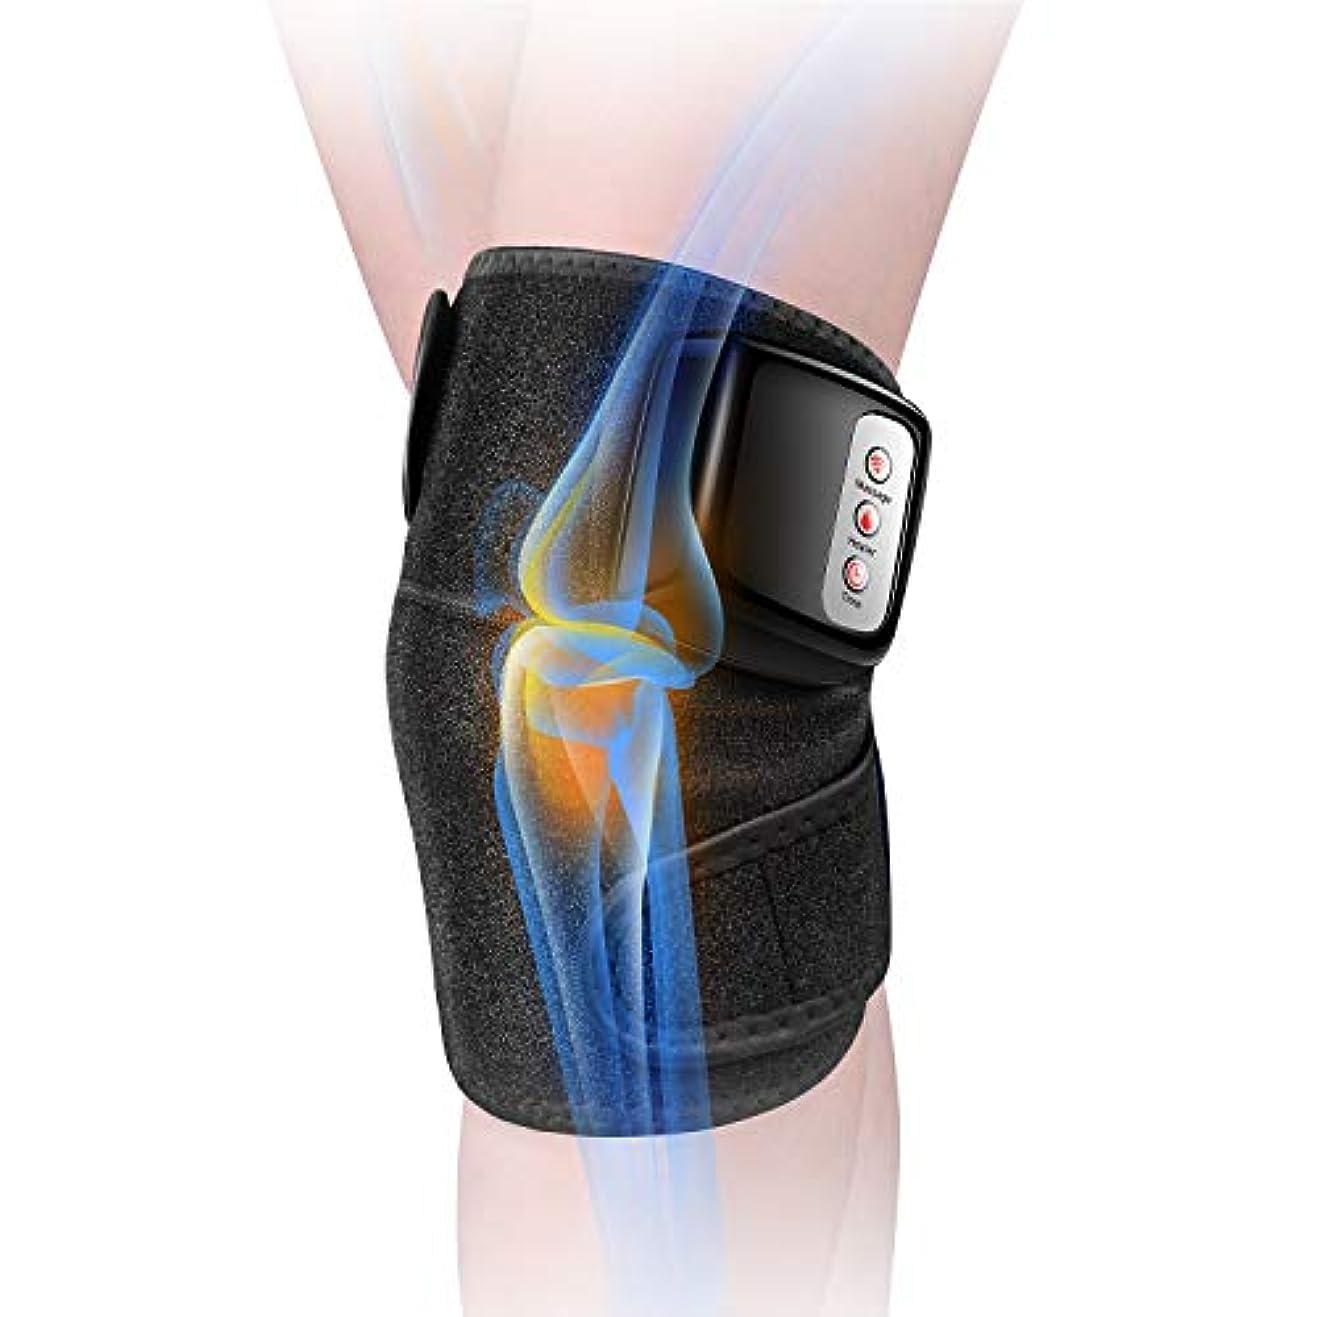 舞い上がる折り目百科事典膝マッサージャー 関節マッサージャー マッサージ器 フットマッサージャー 振動 赤外線療法 温熱療法 膝サポーター ストレス解消 肩 太もも/腕対応